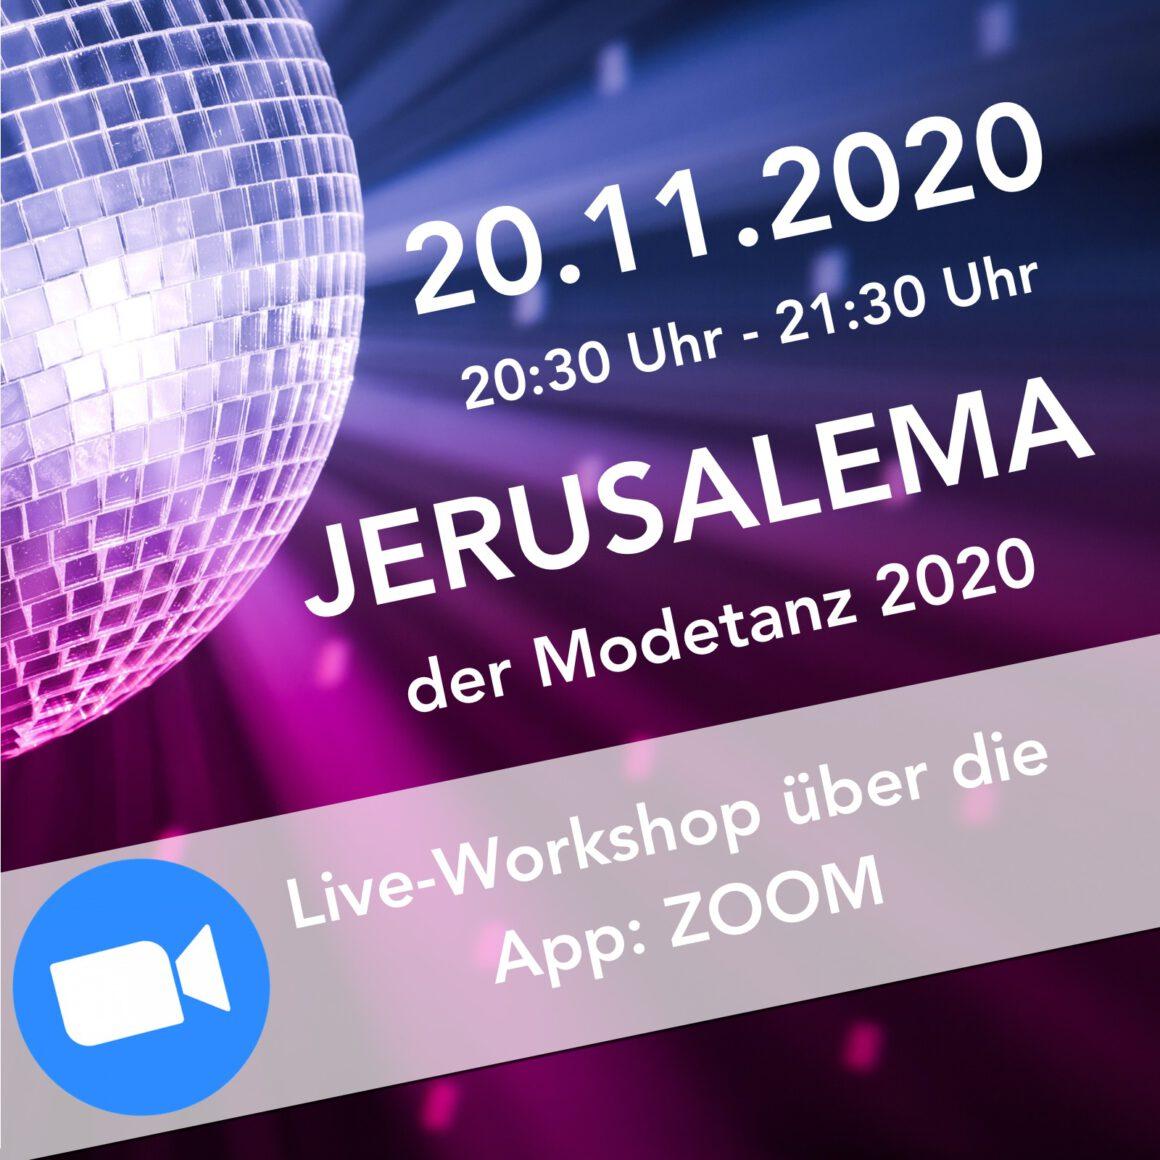 Jerusalema ZOOM-Online Workshop